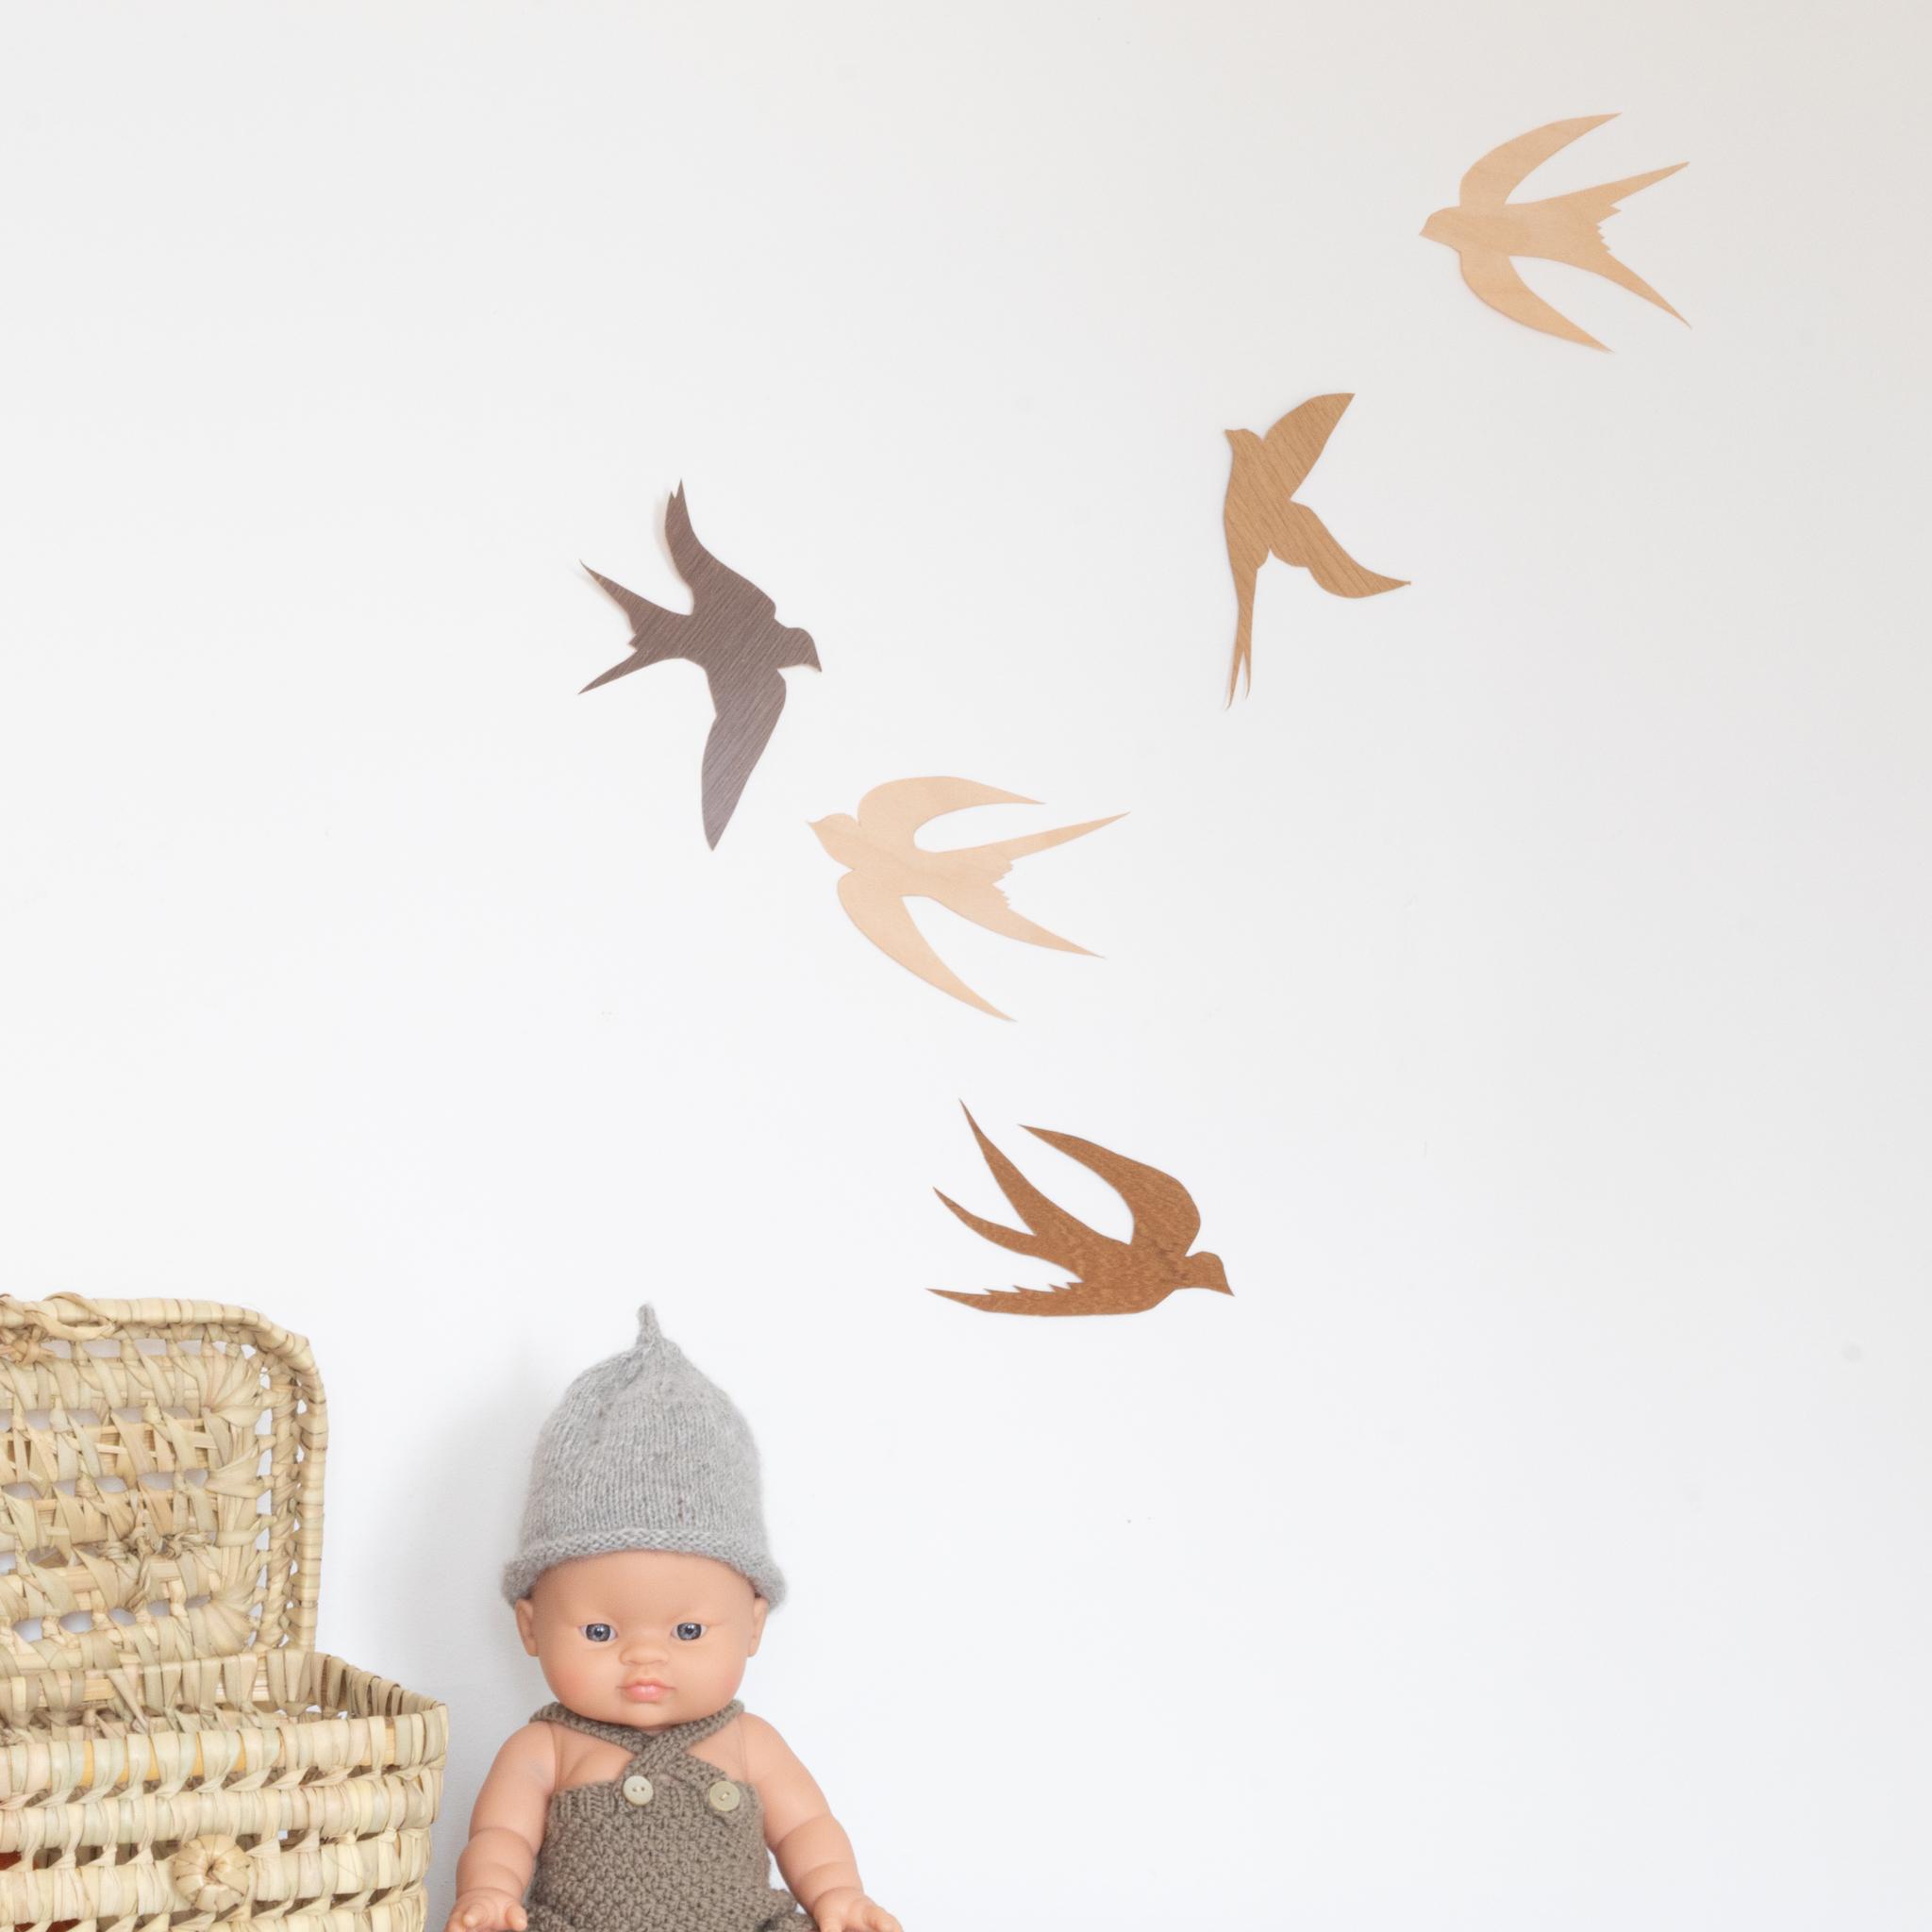 Déco murale, hirondelles en bois pour décorer son mur. Fabrication à partir de feuilles de bois. Création Trendy Little.